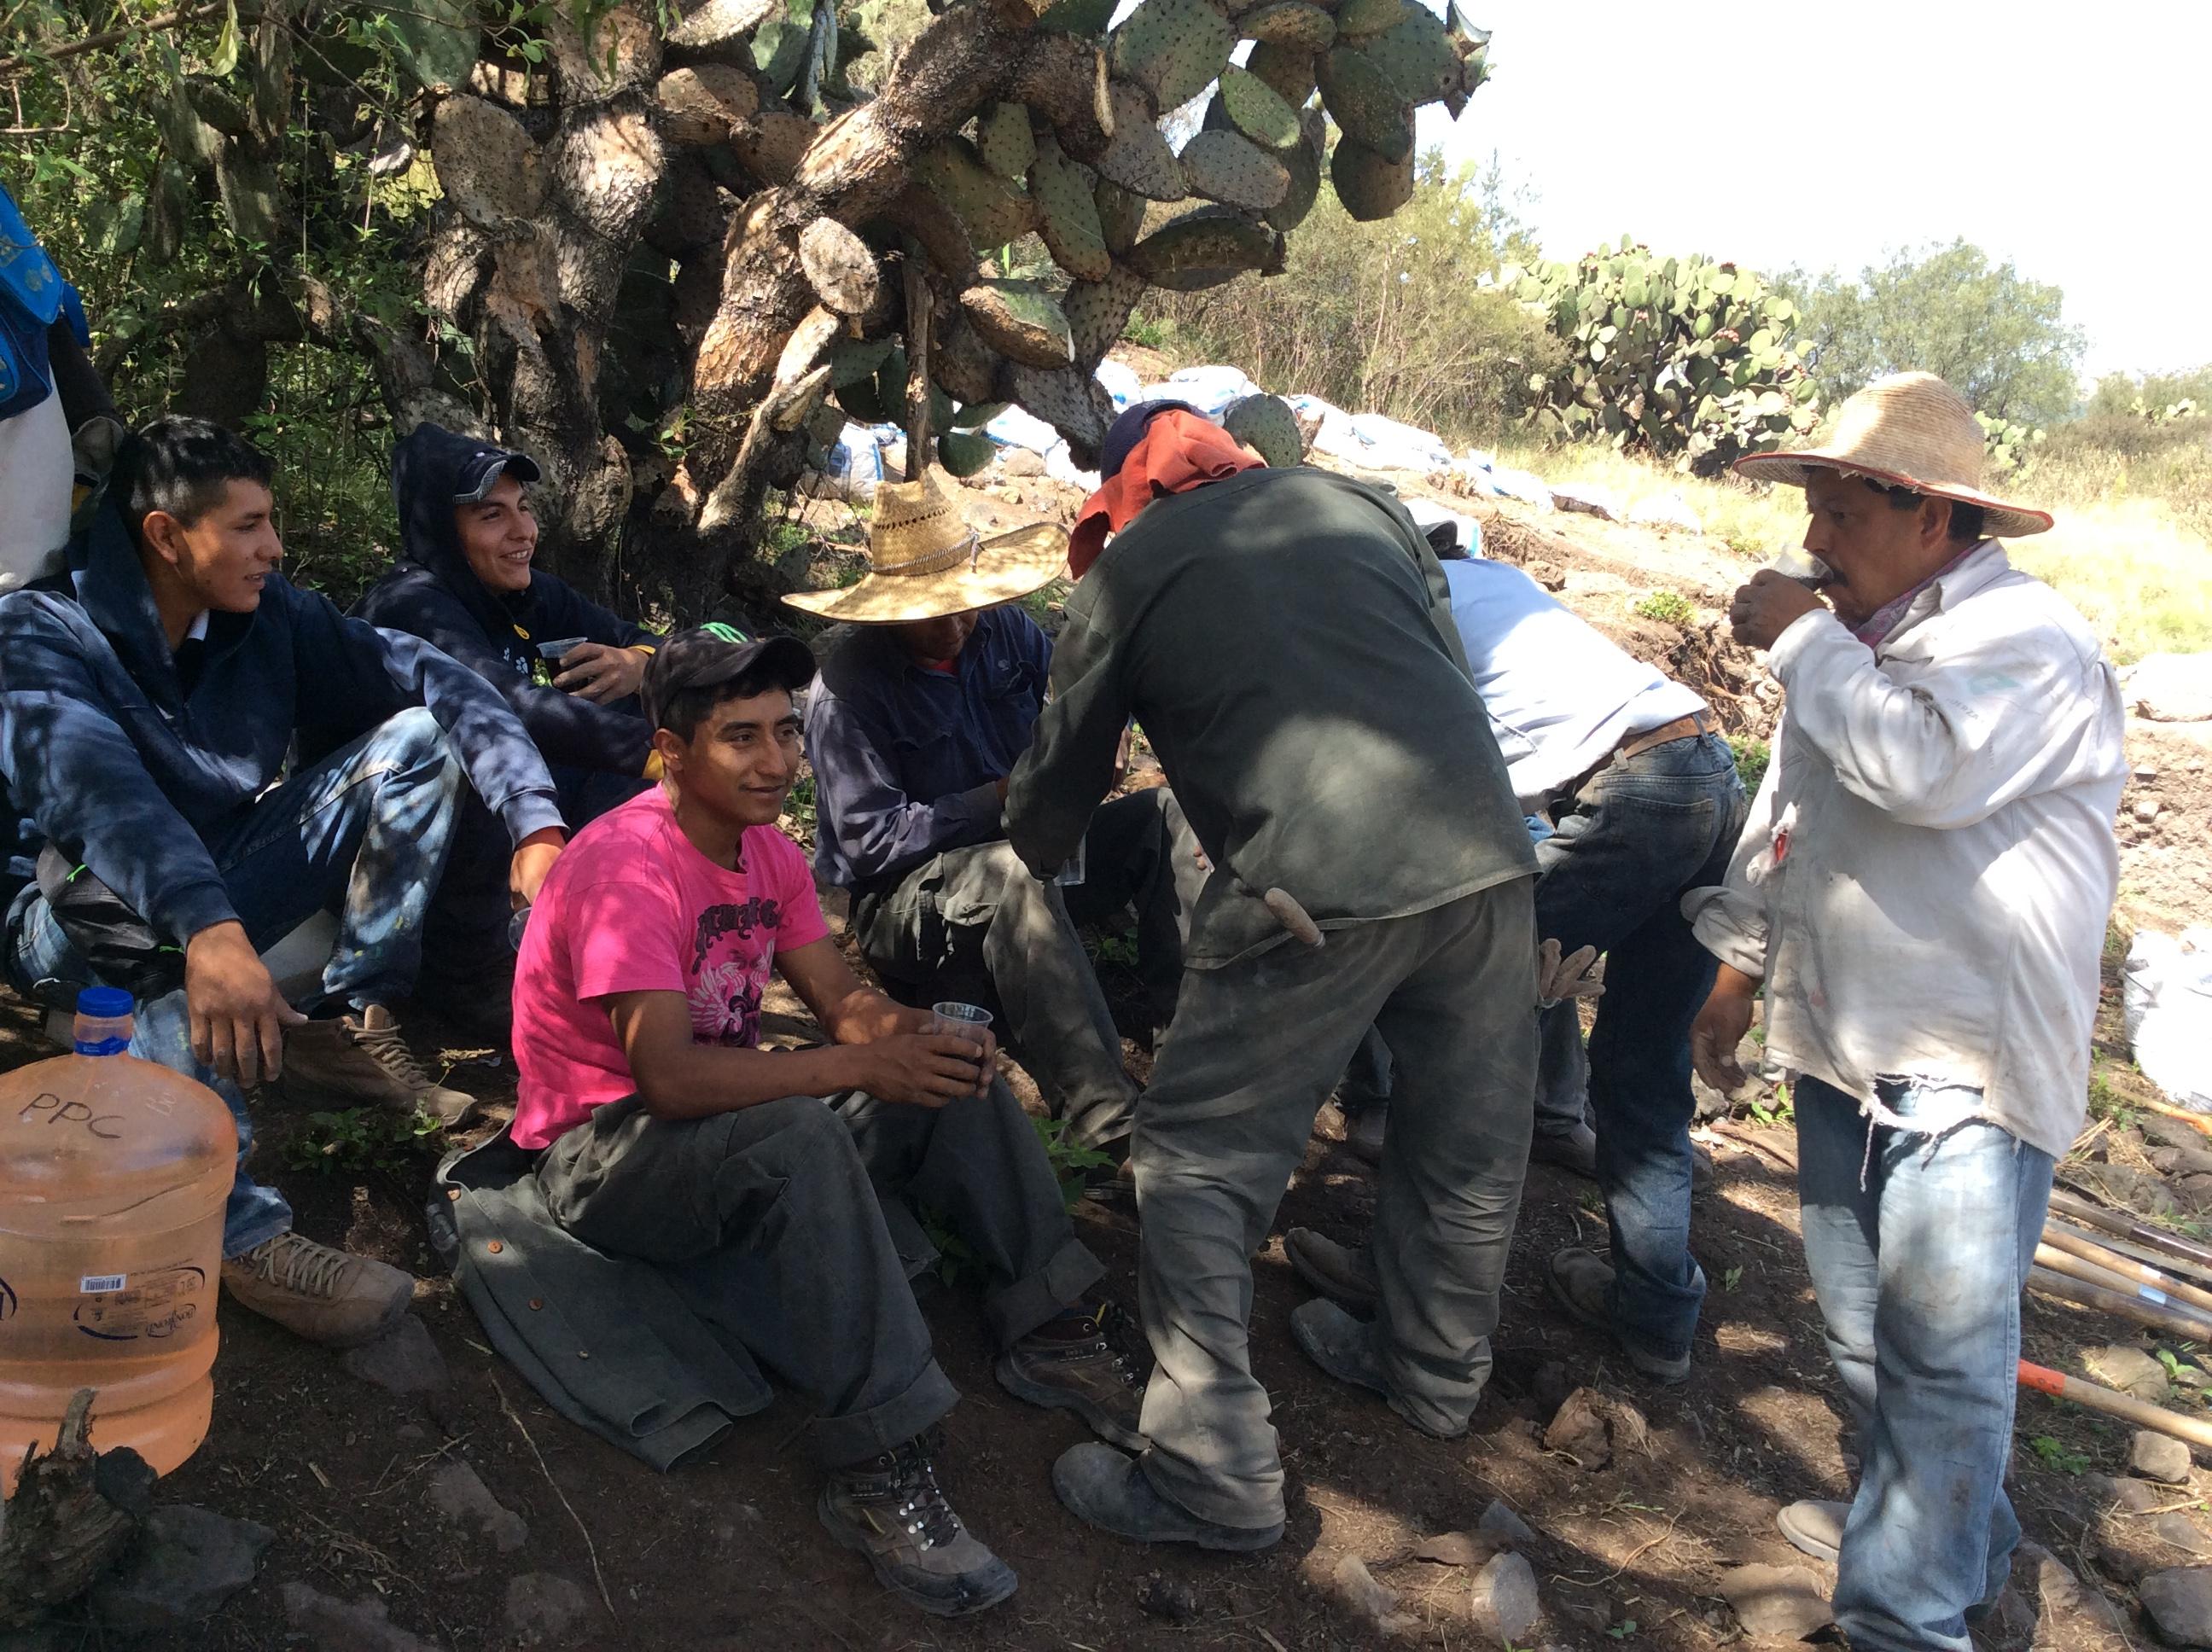 Trabajadores locales durante su descanso, Frente D, 2015